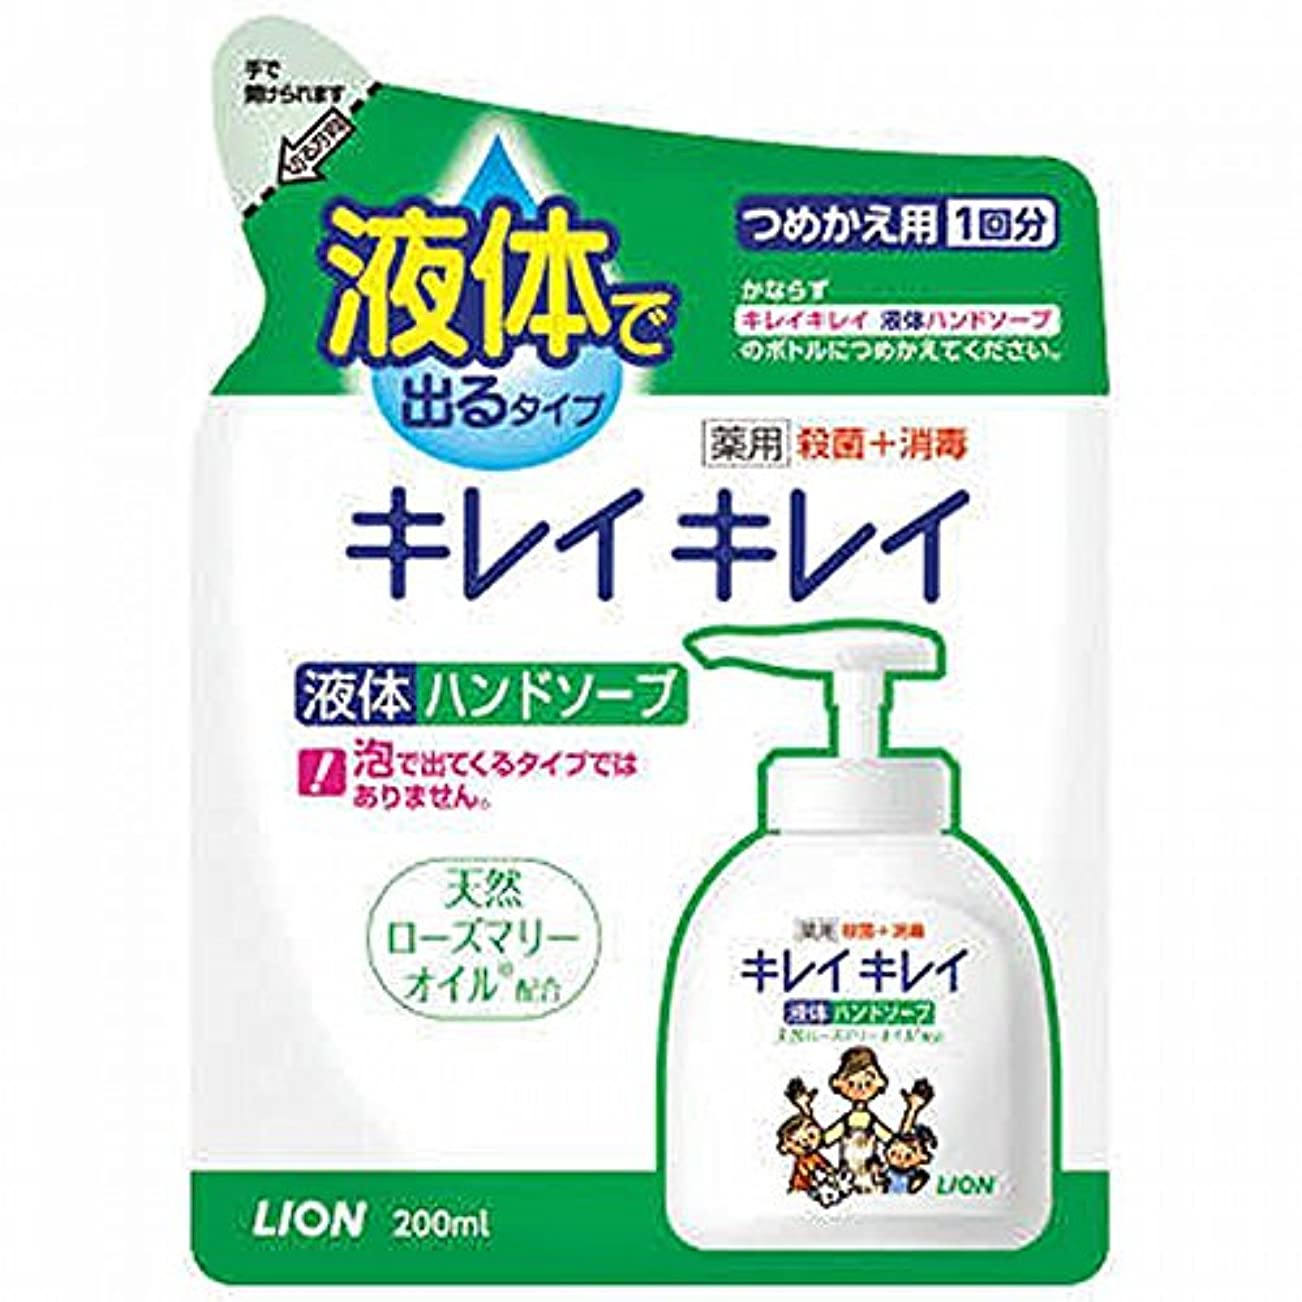 役立つ汚れたスワップキレイキレイ 薬用液体ハンドソープ 詰め替え用 200ml×3セット